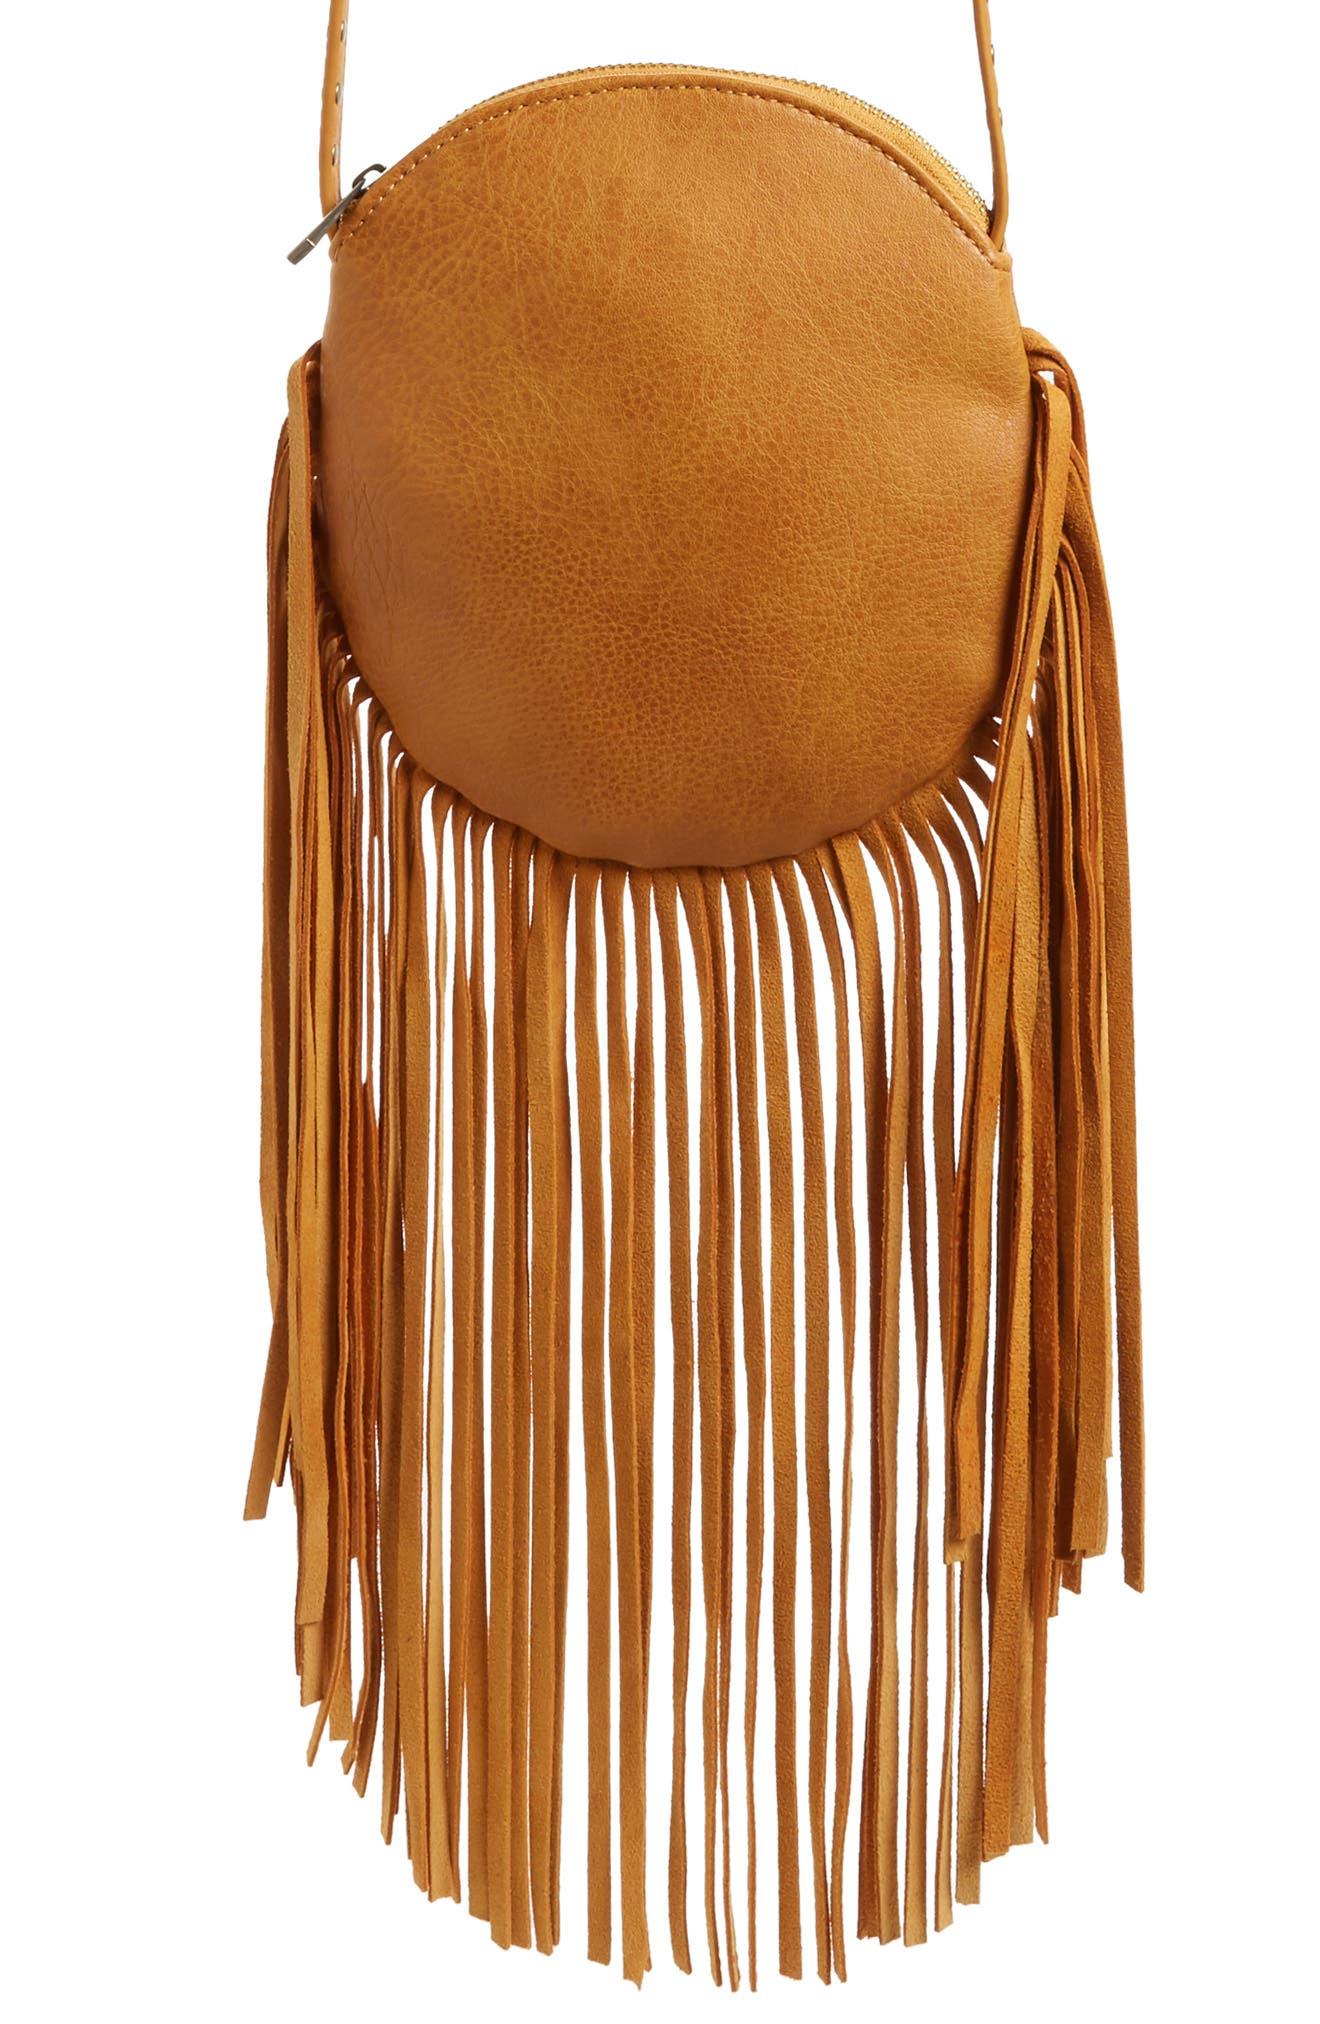 Alternate Image 1 Selected - Street Level Fringe Faux Leather Round Crossbody Bag